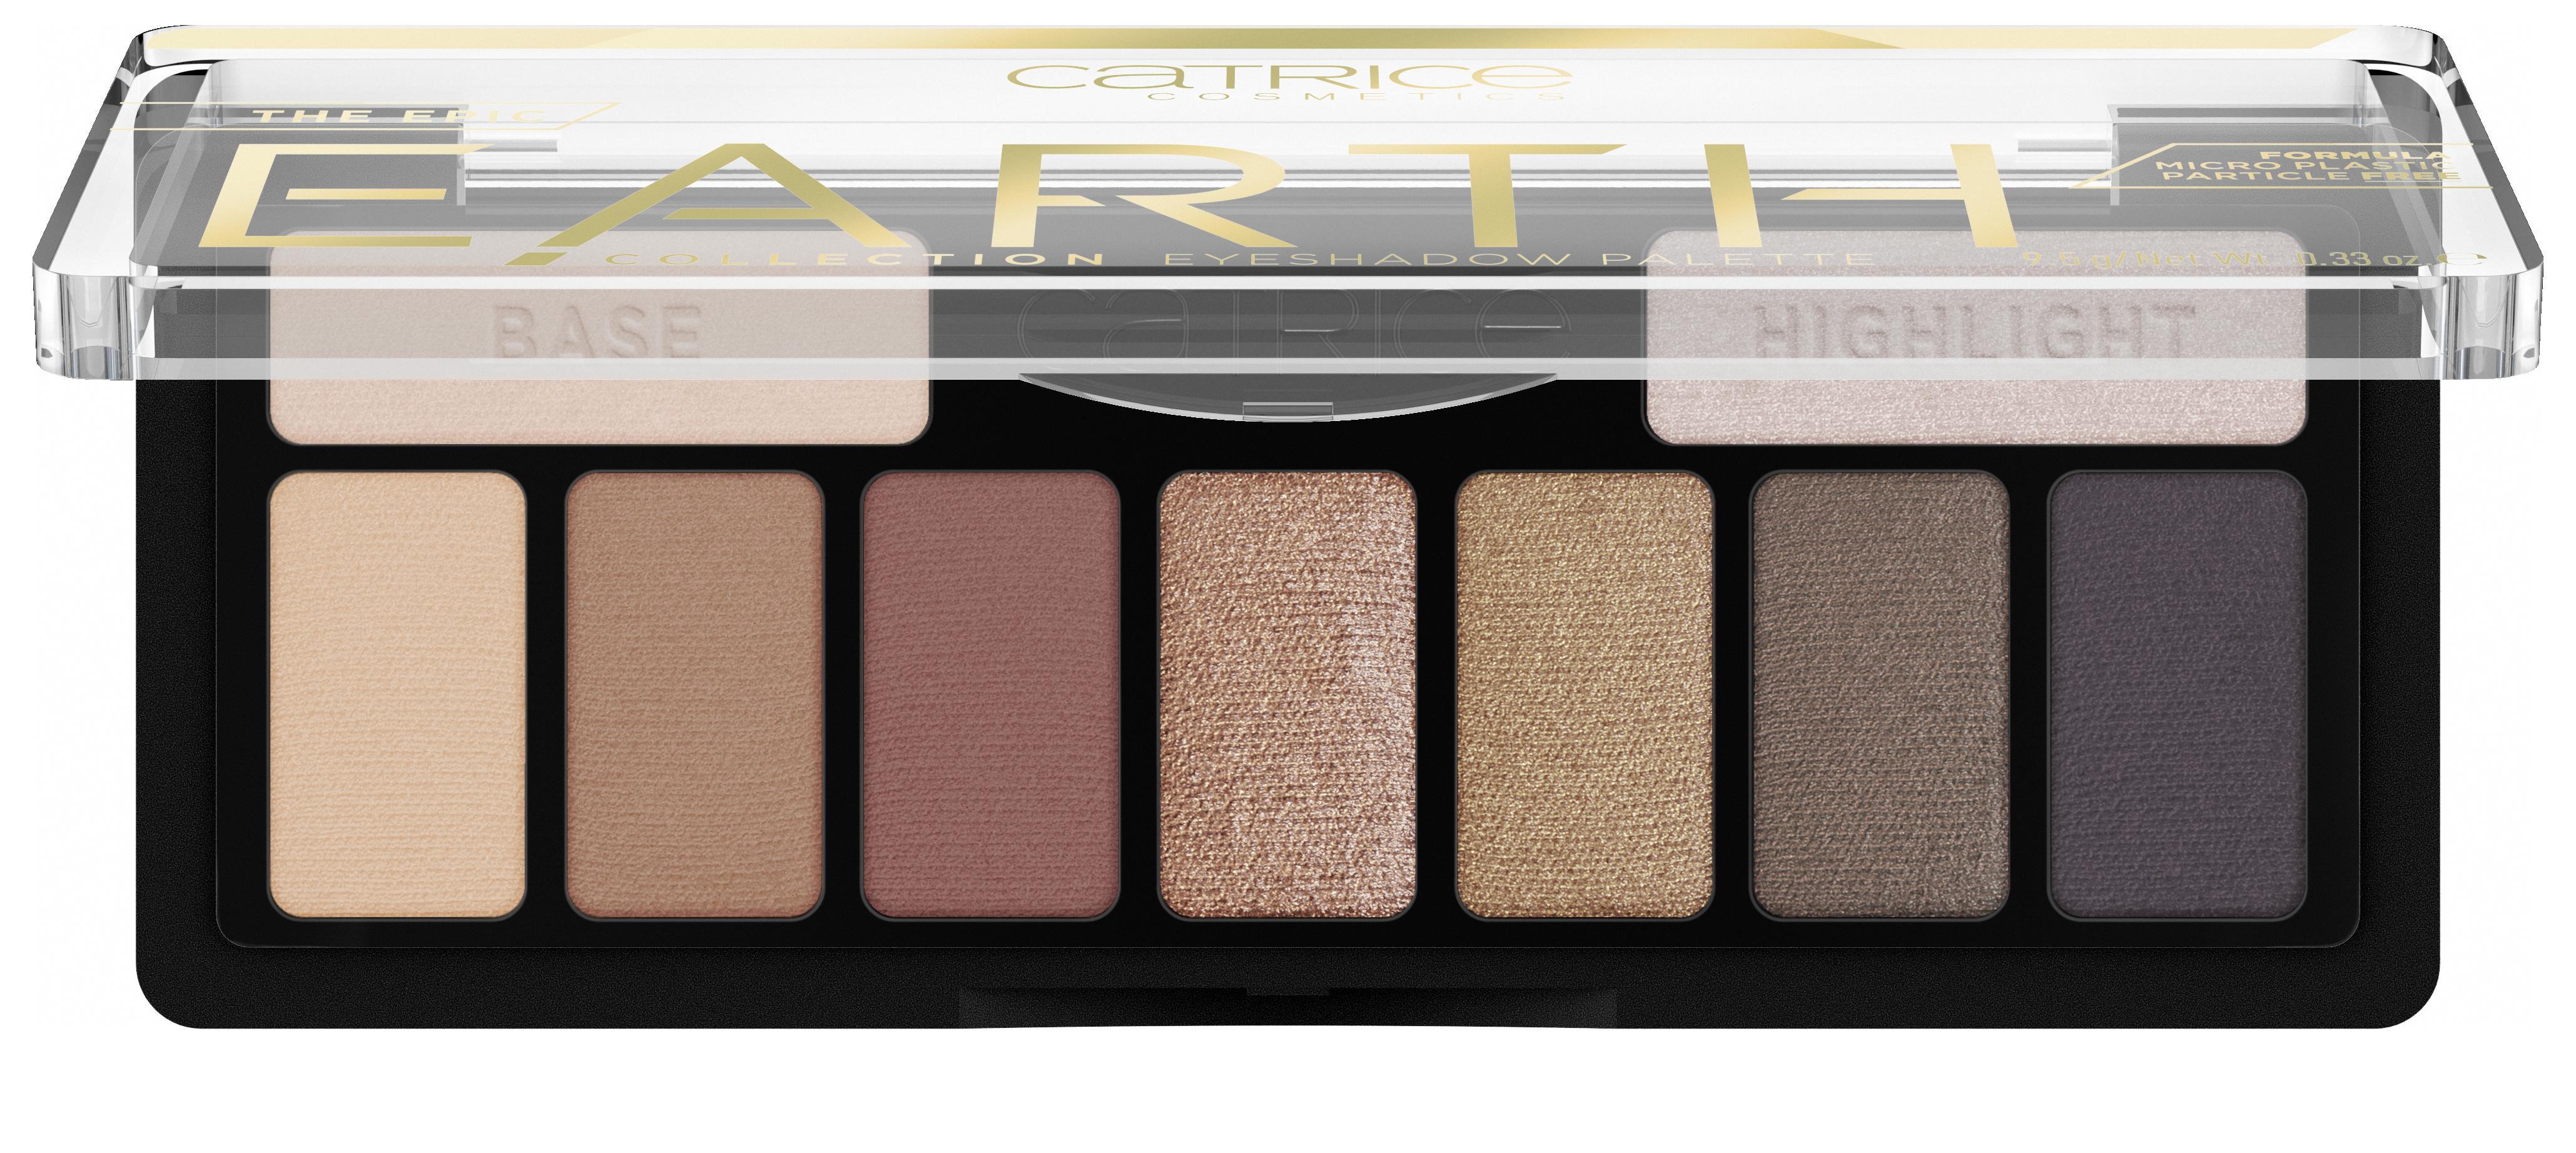 προϊόντα περιποίησης για το Φθινόπωρο - catrice palette